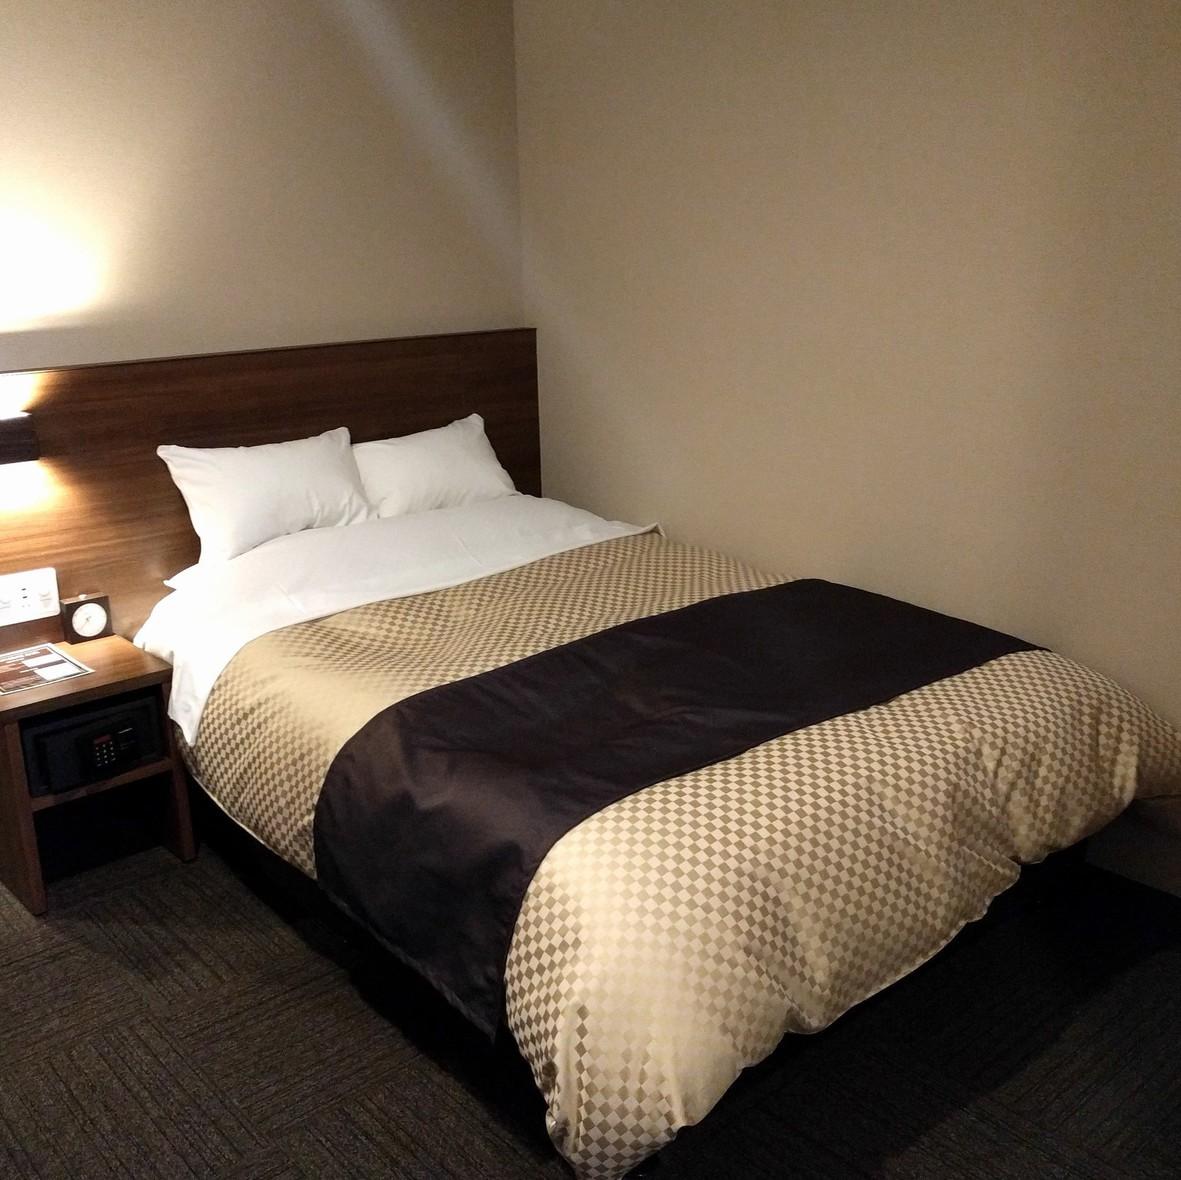 【6階洋室ダブル】リニューアルしたばかりのモダンな空間でお過ごしいただけます。